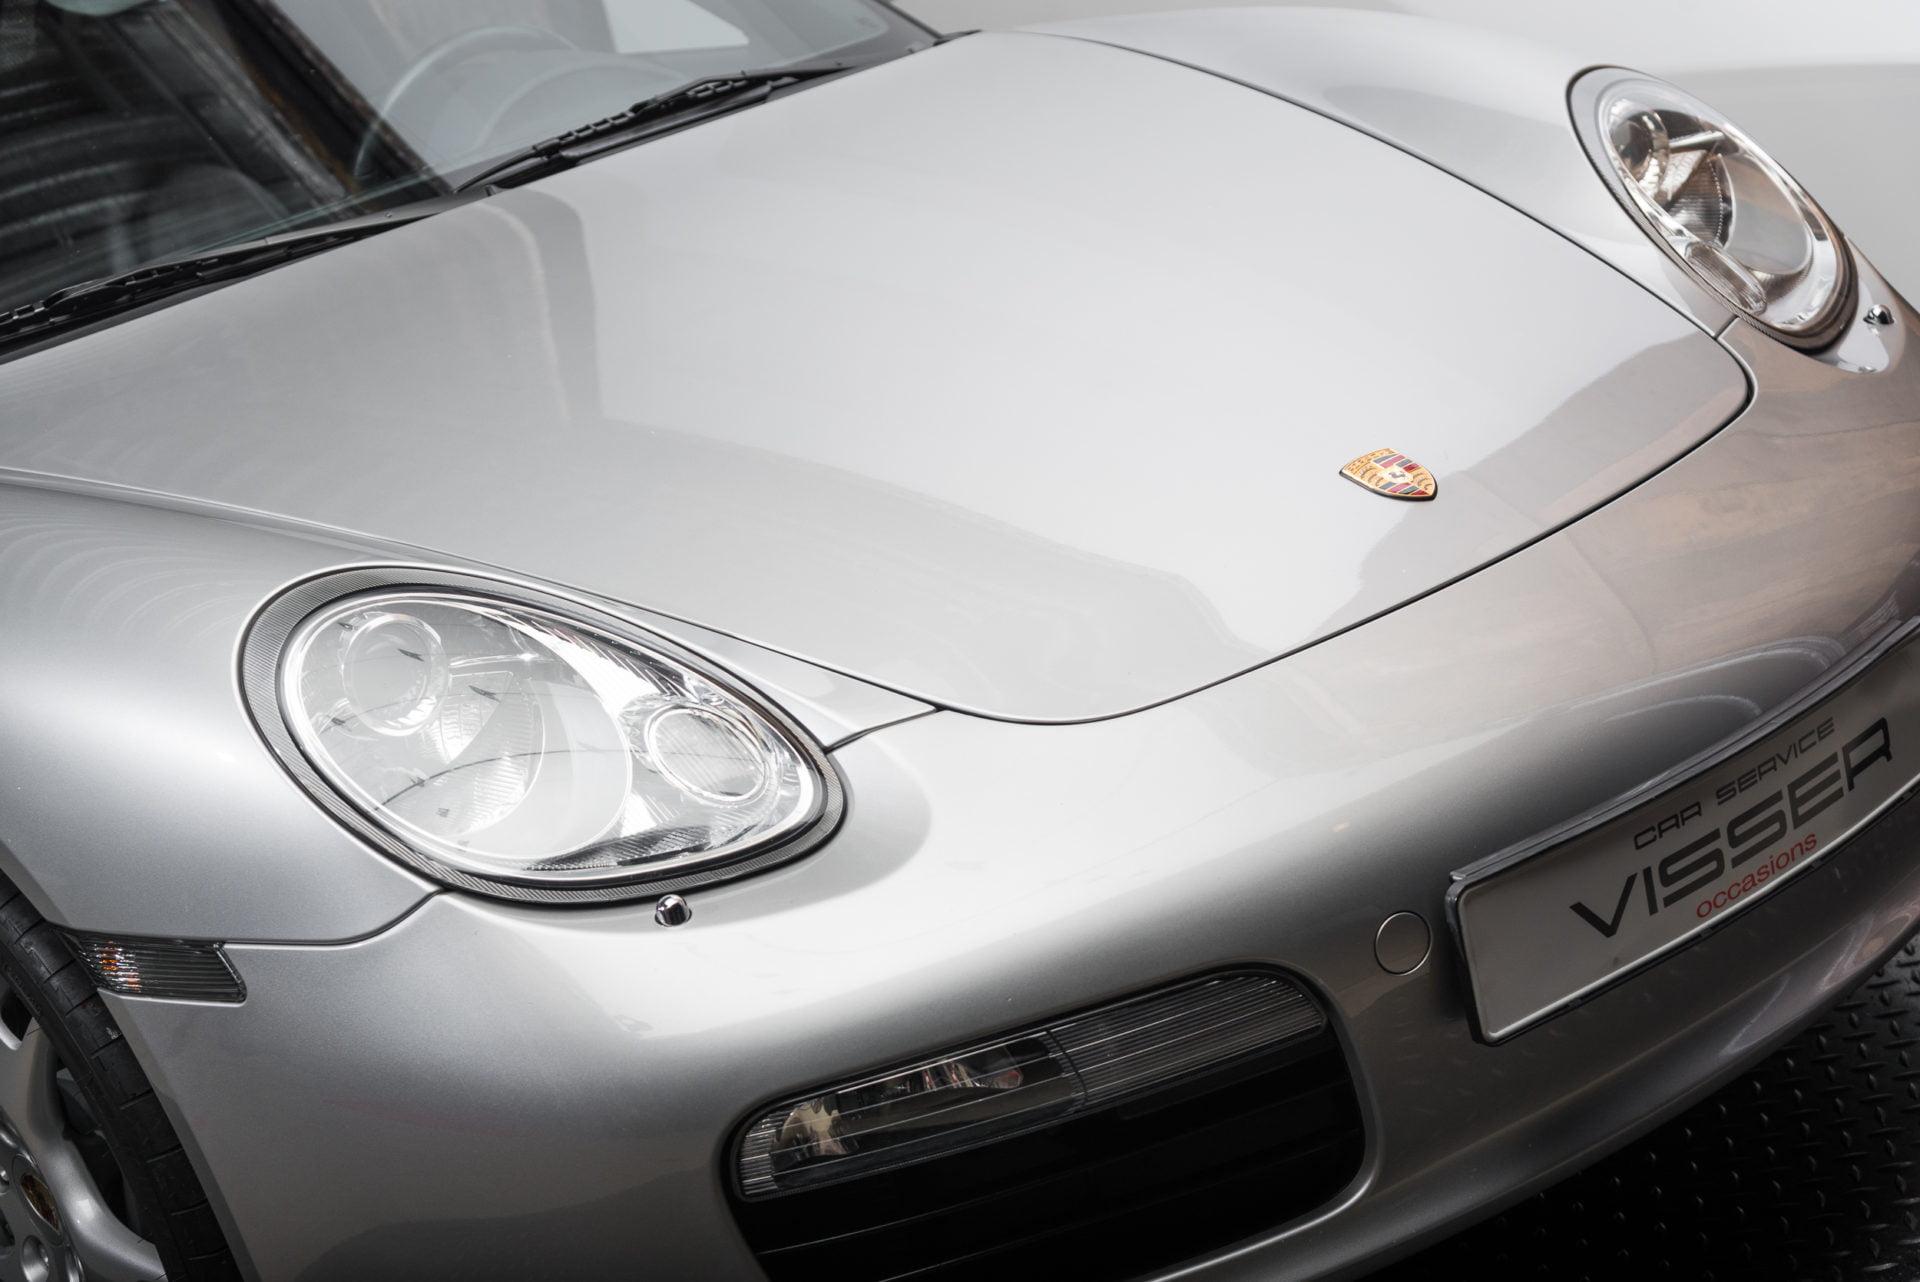 Porsche Boxster Zilver - 4